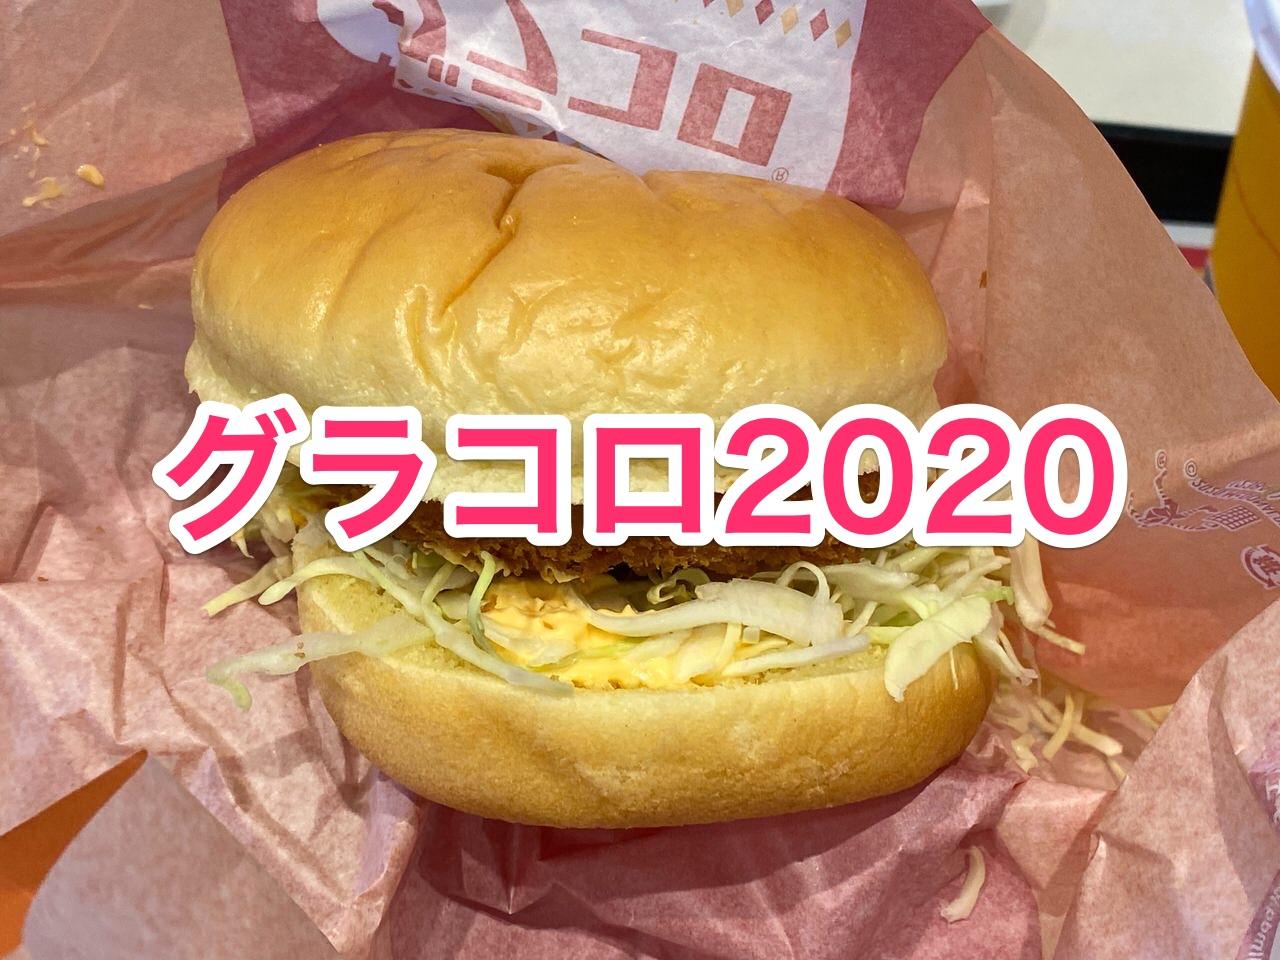 【マクドナルド】遅ればせながら2020年の「グラコロ」食べました